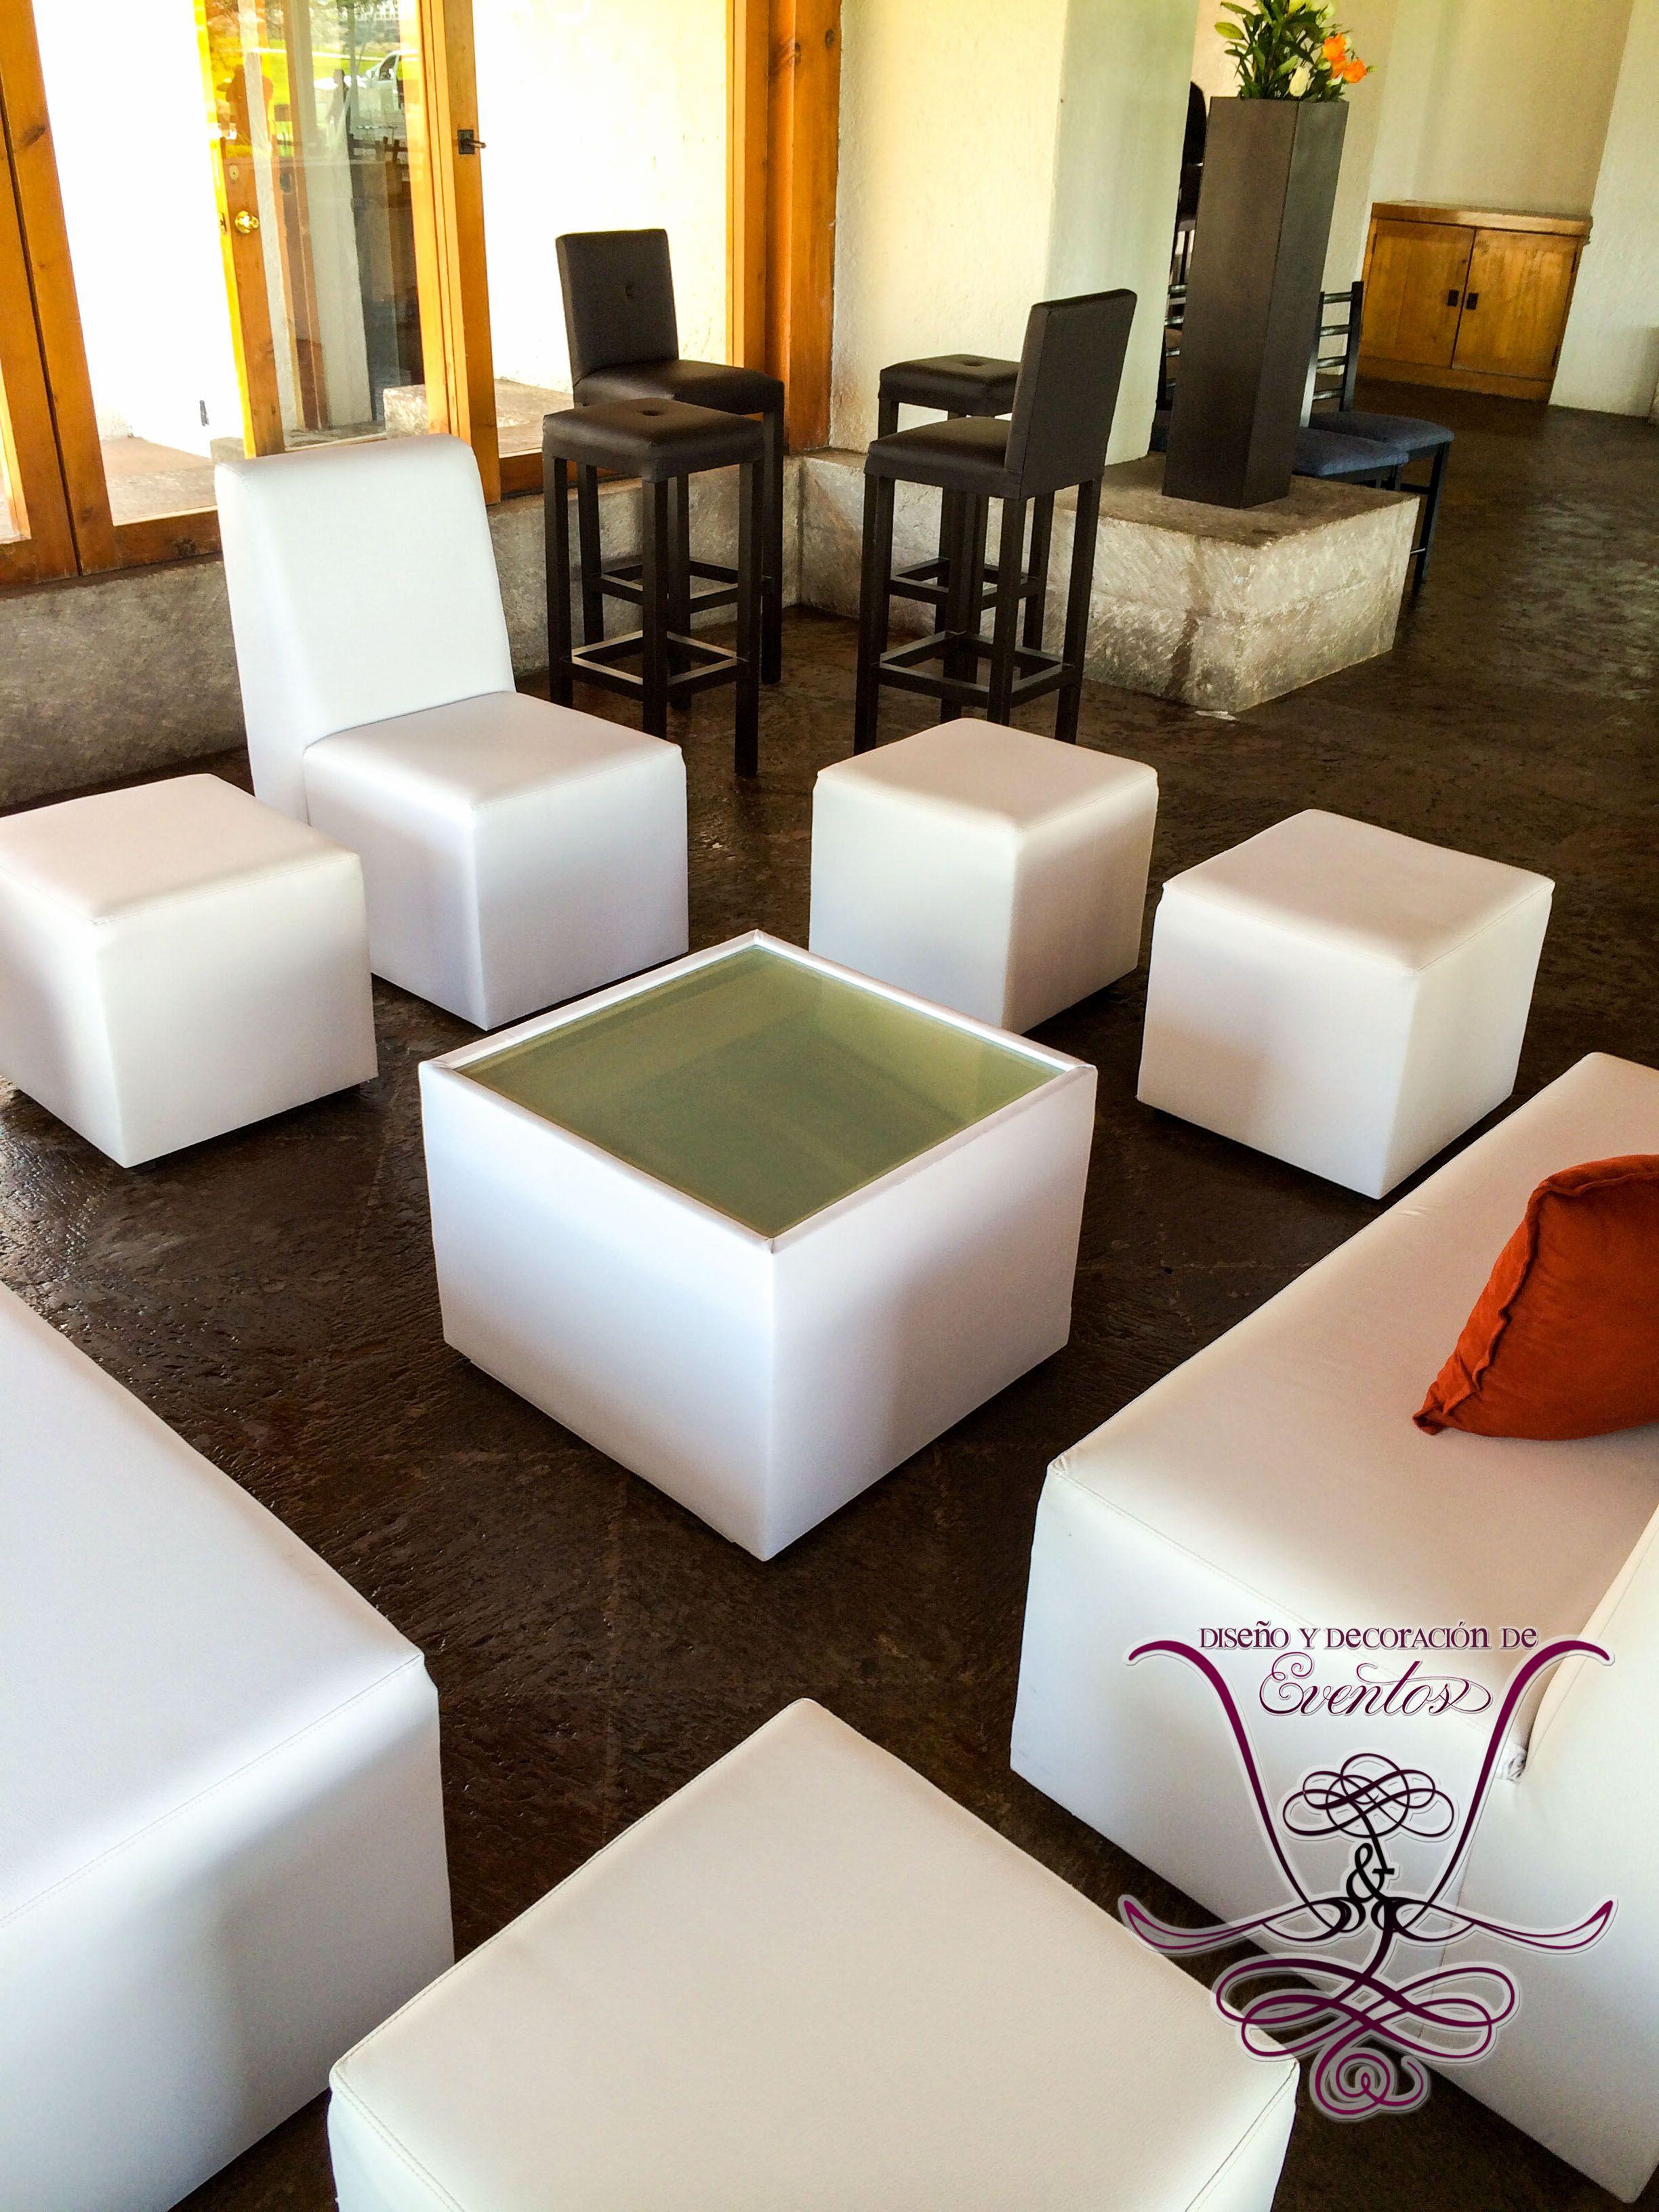 Salas Lounge para la recepción de la boda! | interiores,casa y ...